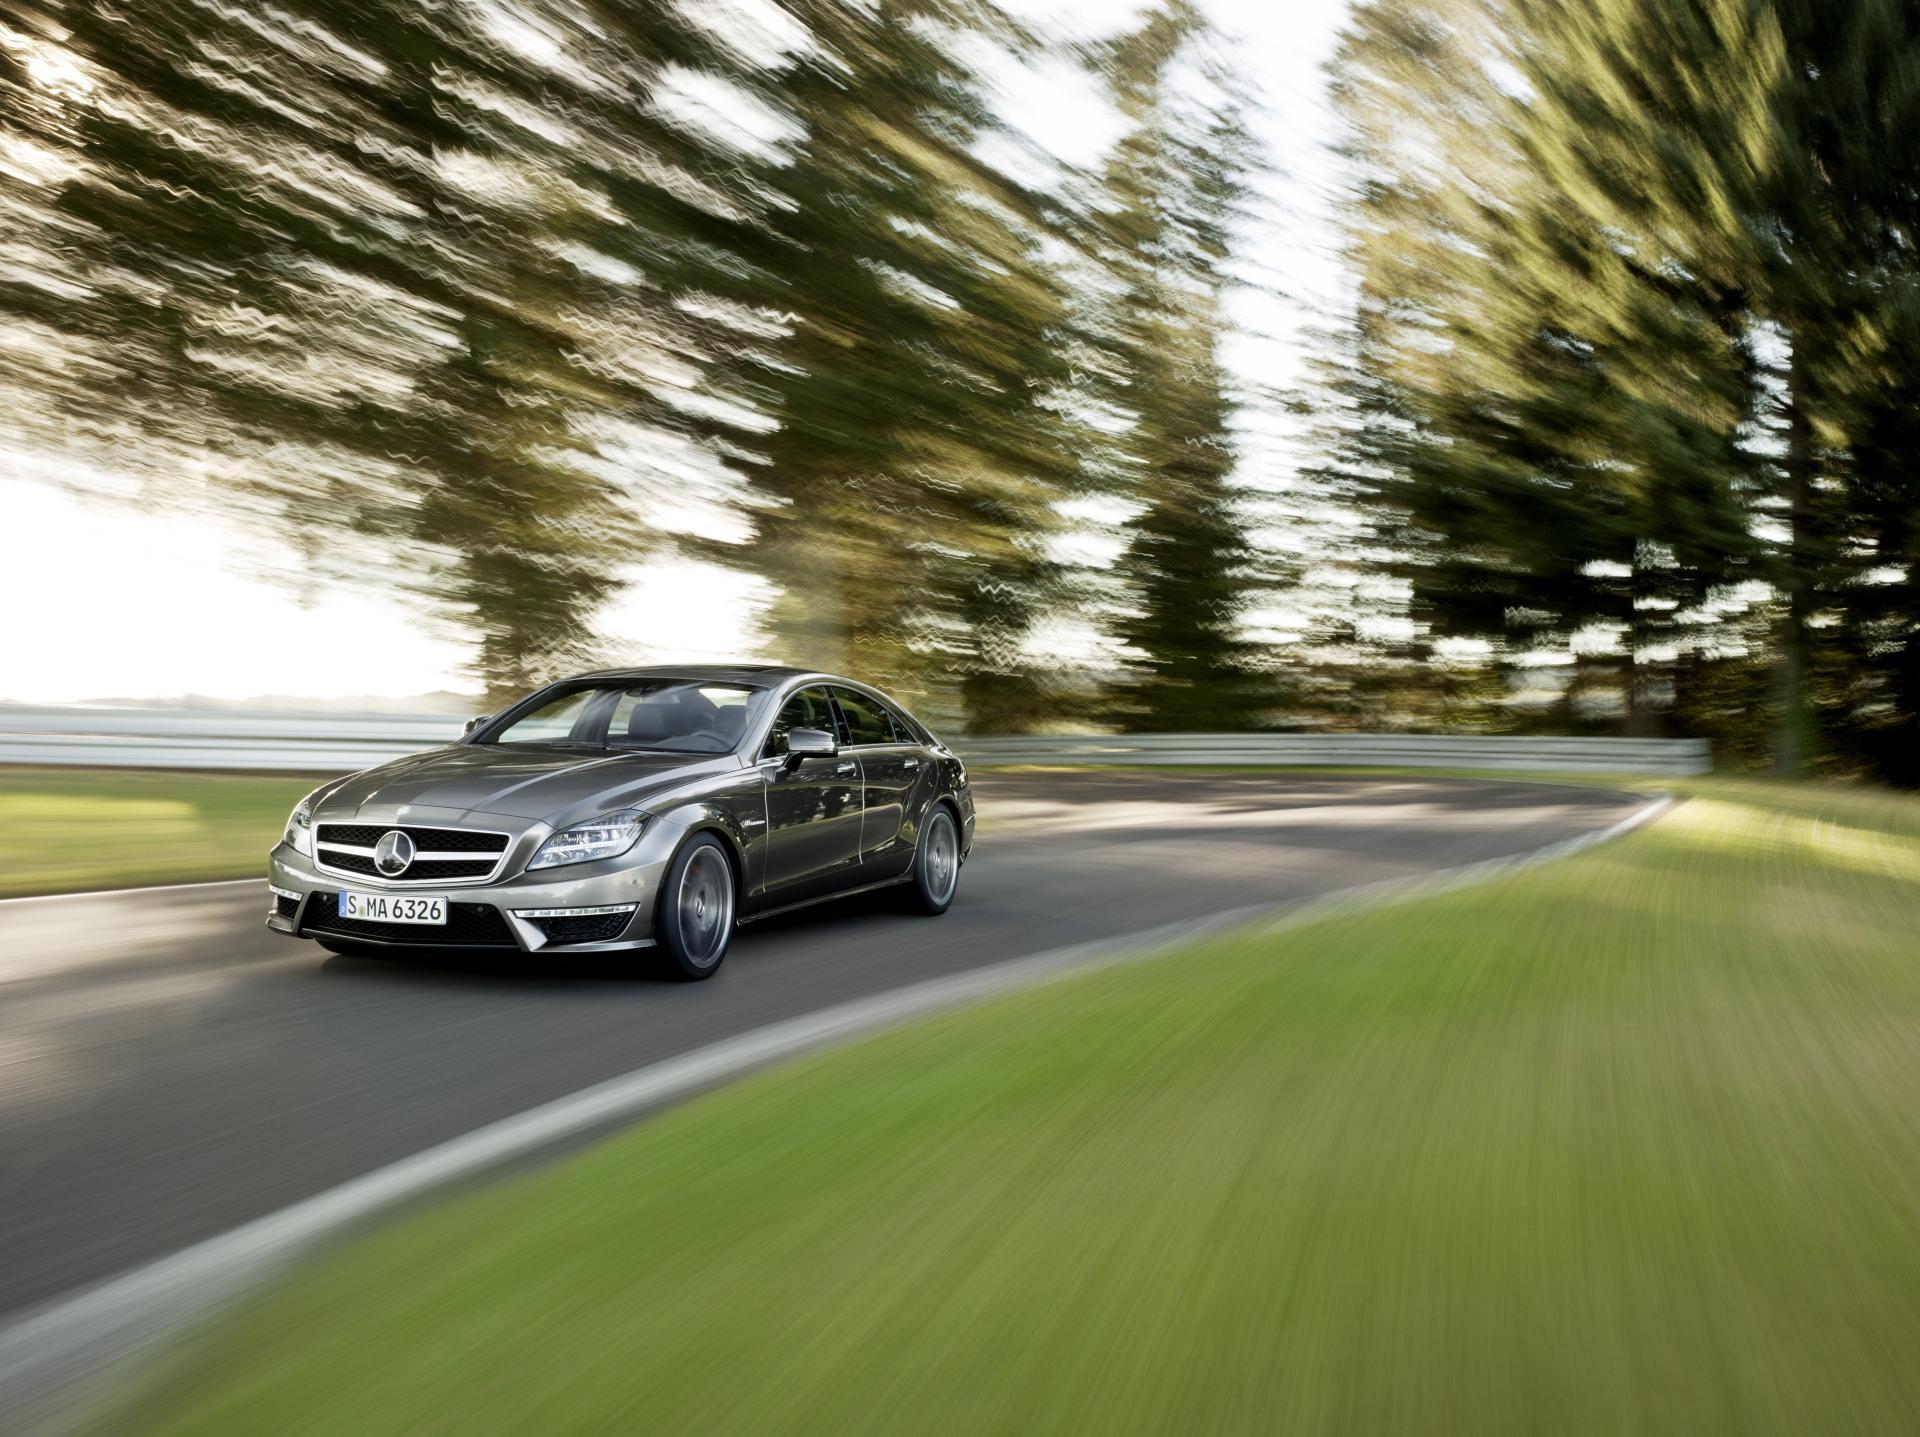 Автомобиль Mercedes-Benz CLS63 без смс